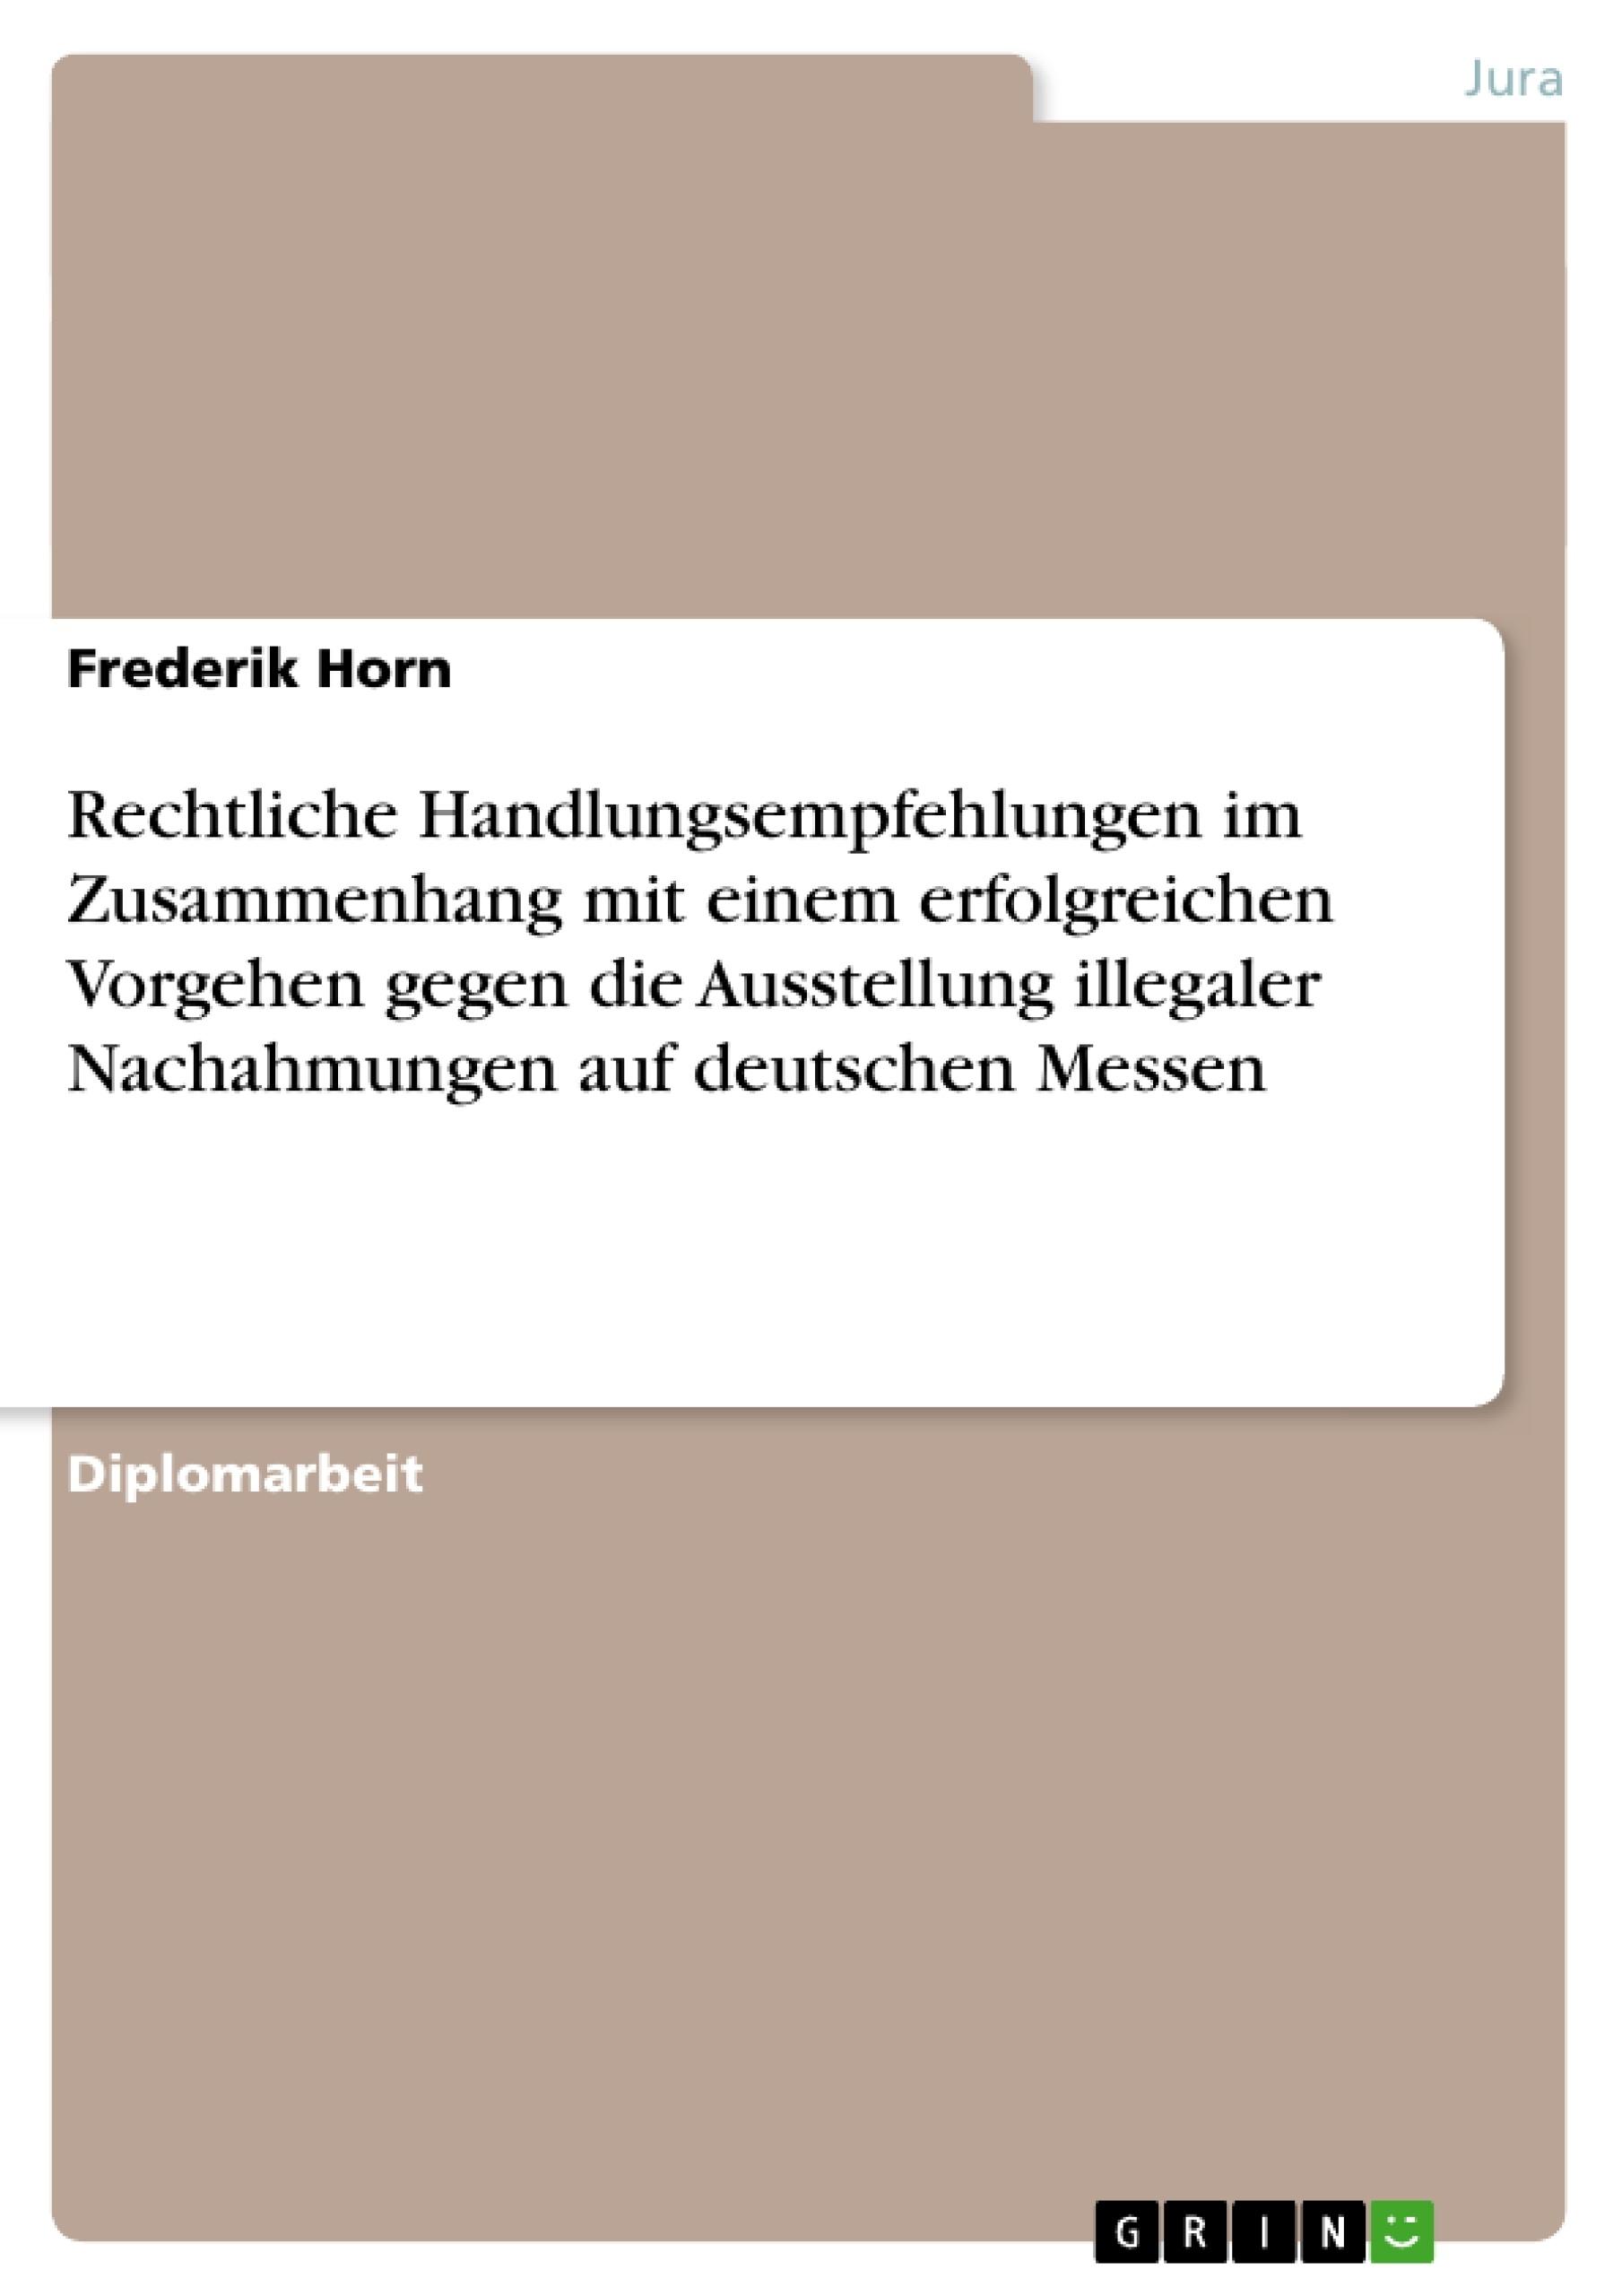 Titel: Rechtliche Handlungsempfehlungen im Zusammenhang mit einem erfolgreichen Vorgehen gegen die Ausstellung illegaler Nachahmungen auf deutschen Messen